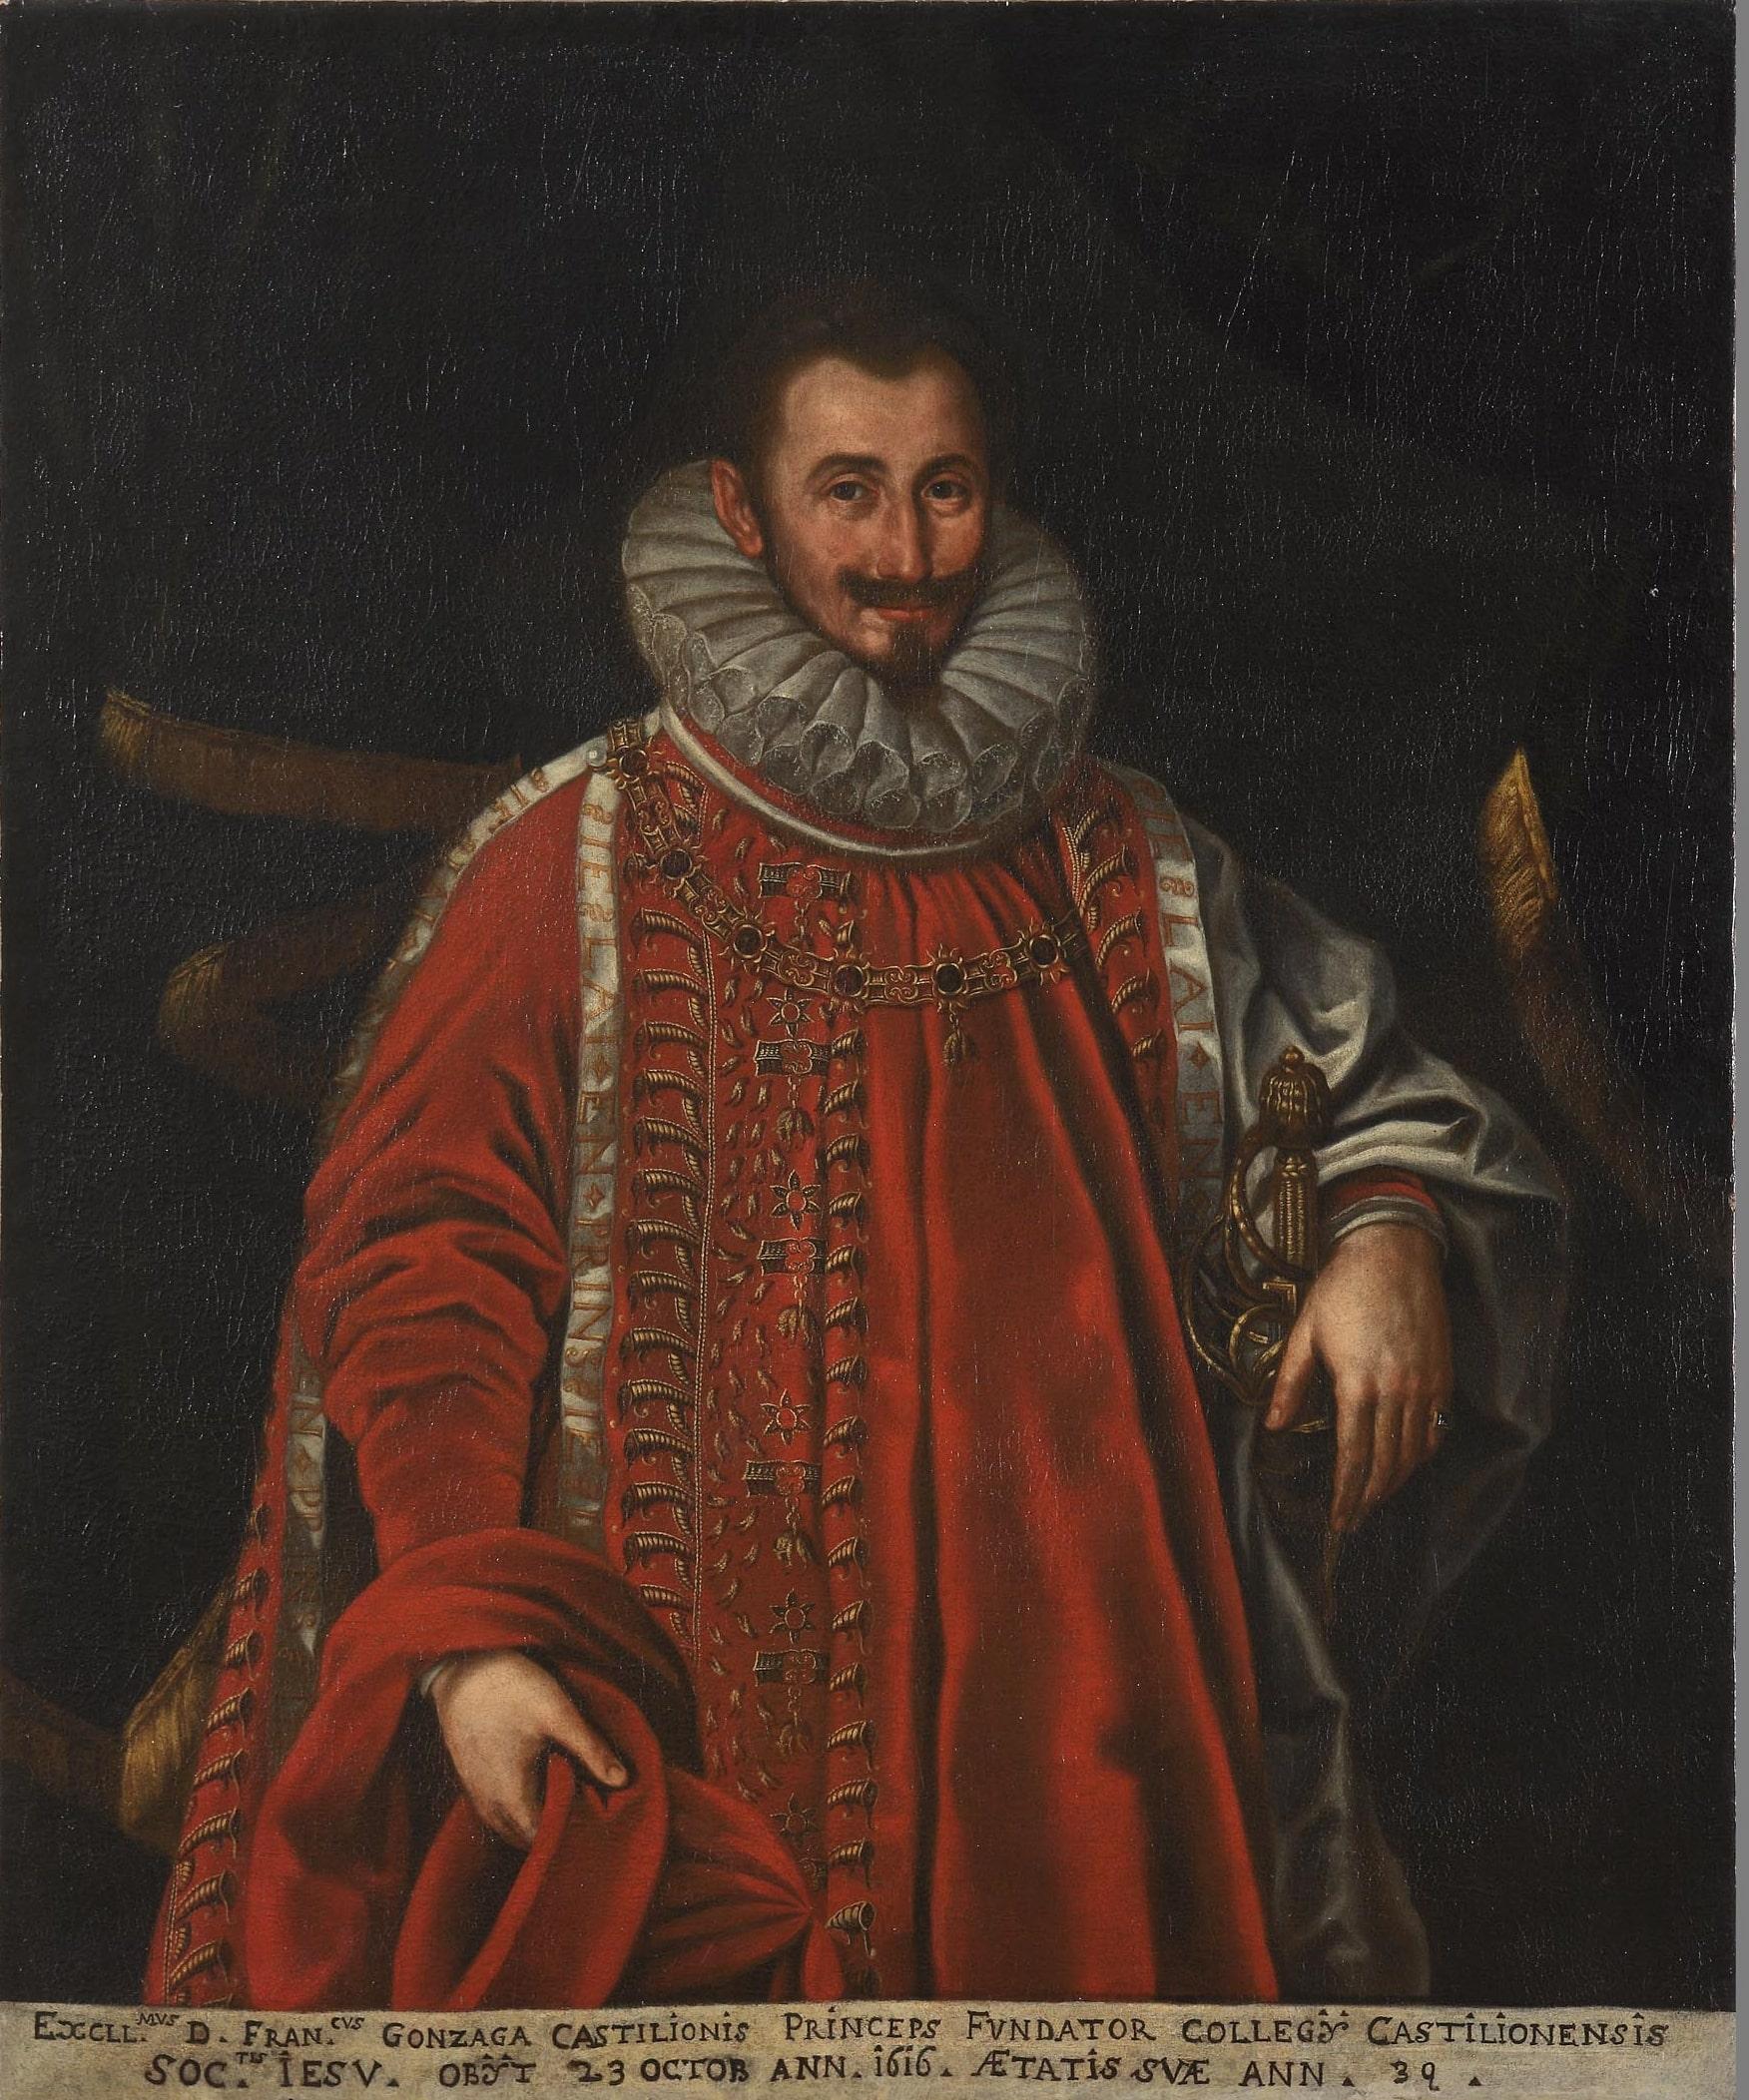 Francesco gonzaga 1577 1616 wikipedia for Francesco marchesi